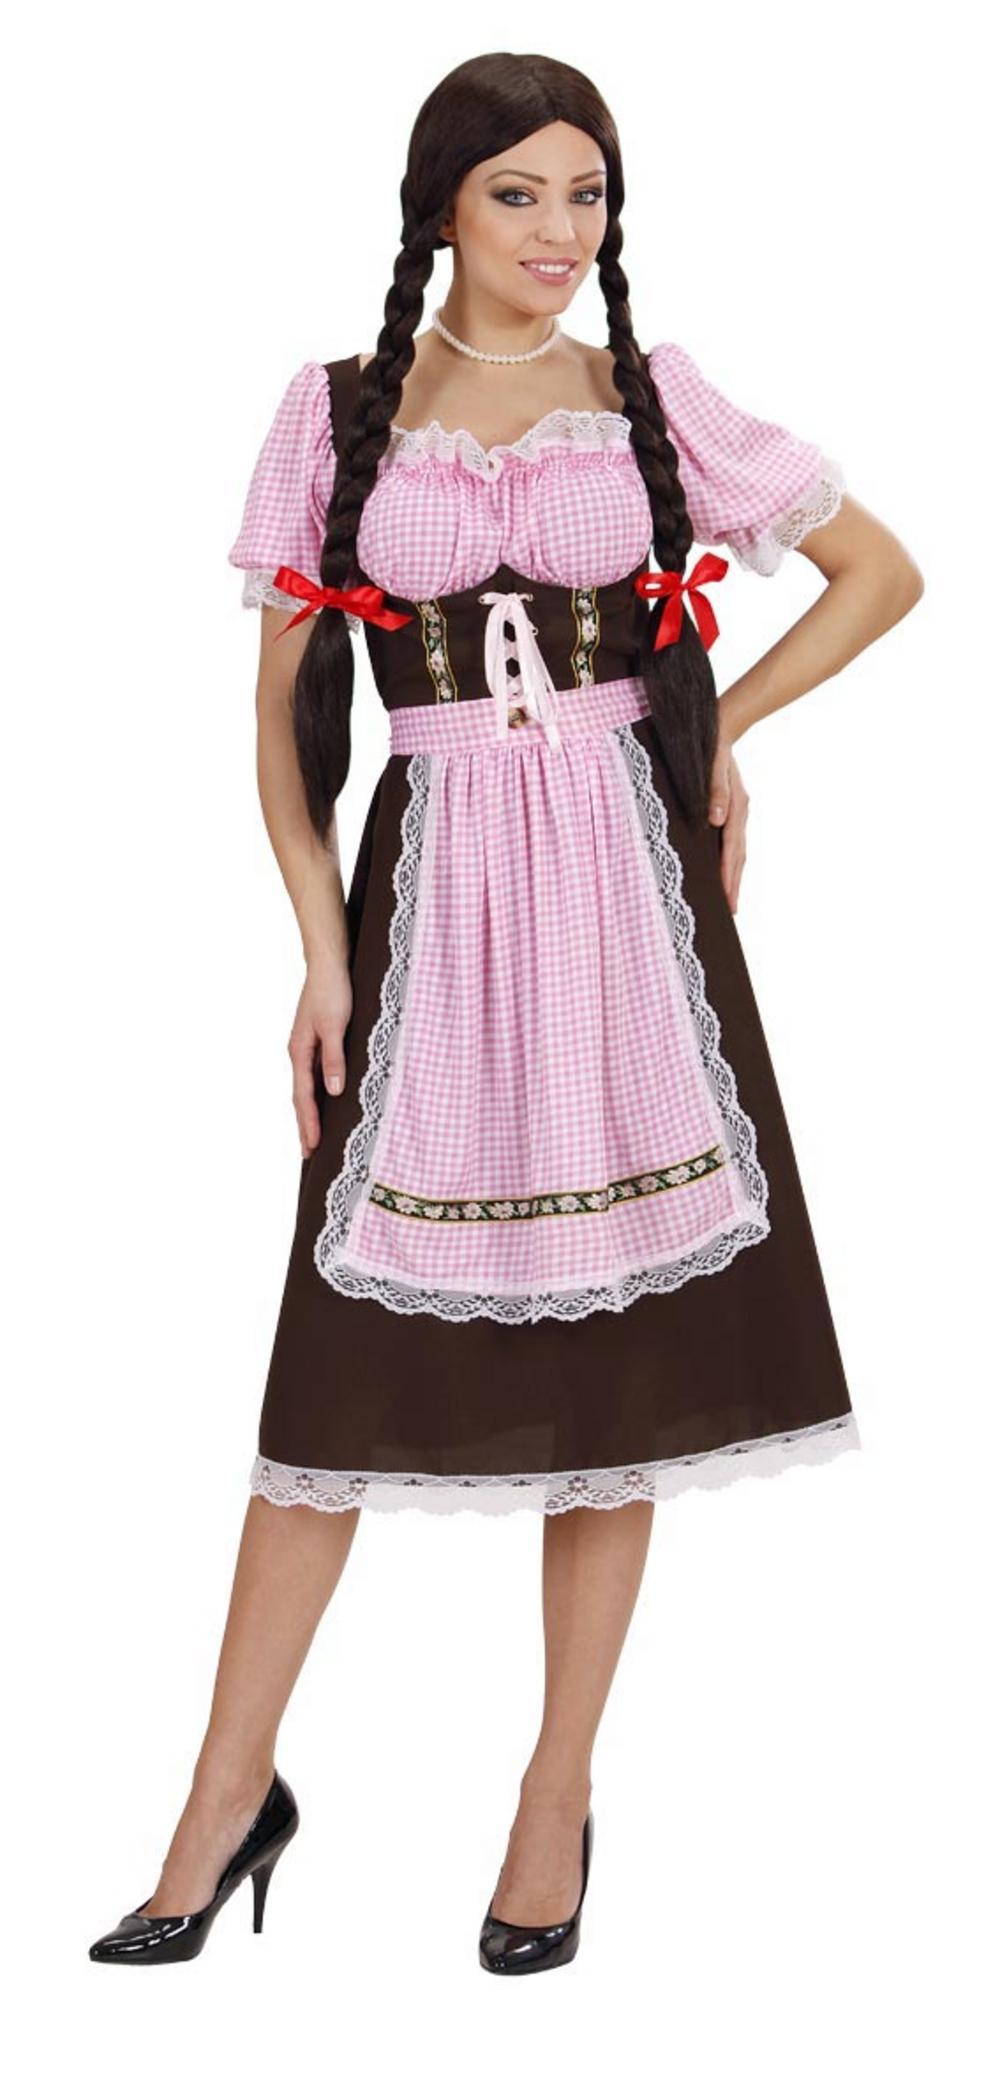 Deluxe Bavarian Beer Lady Costume Womens German Oktoberfest Fancy ... 948543e30